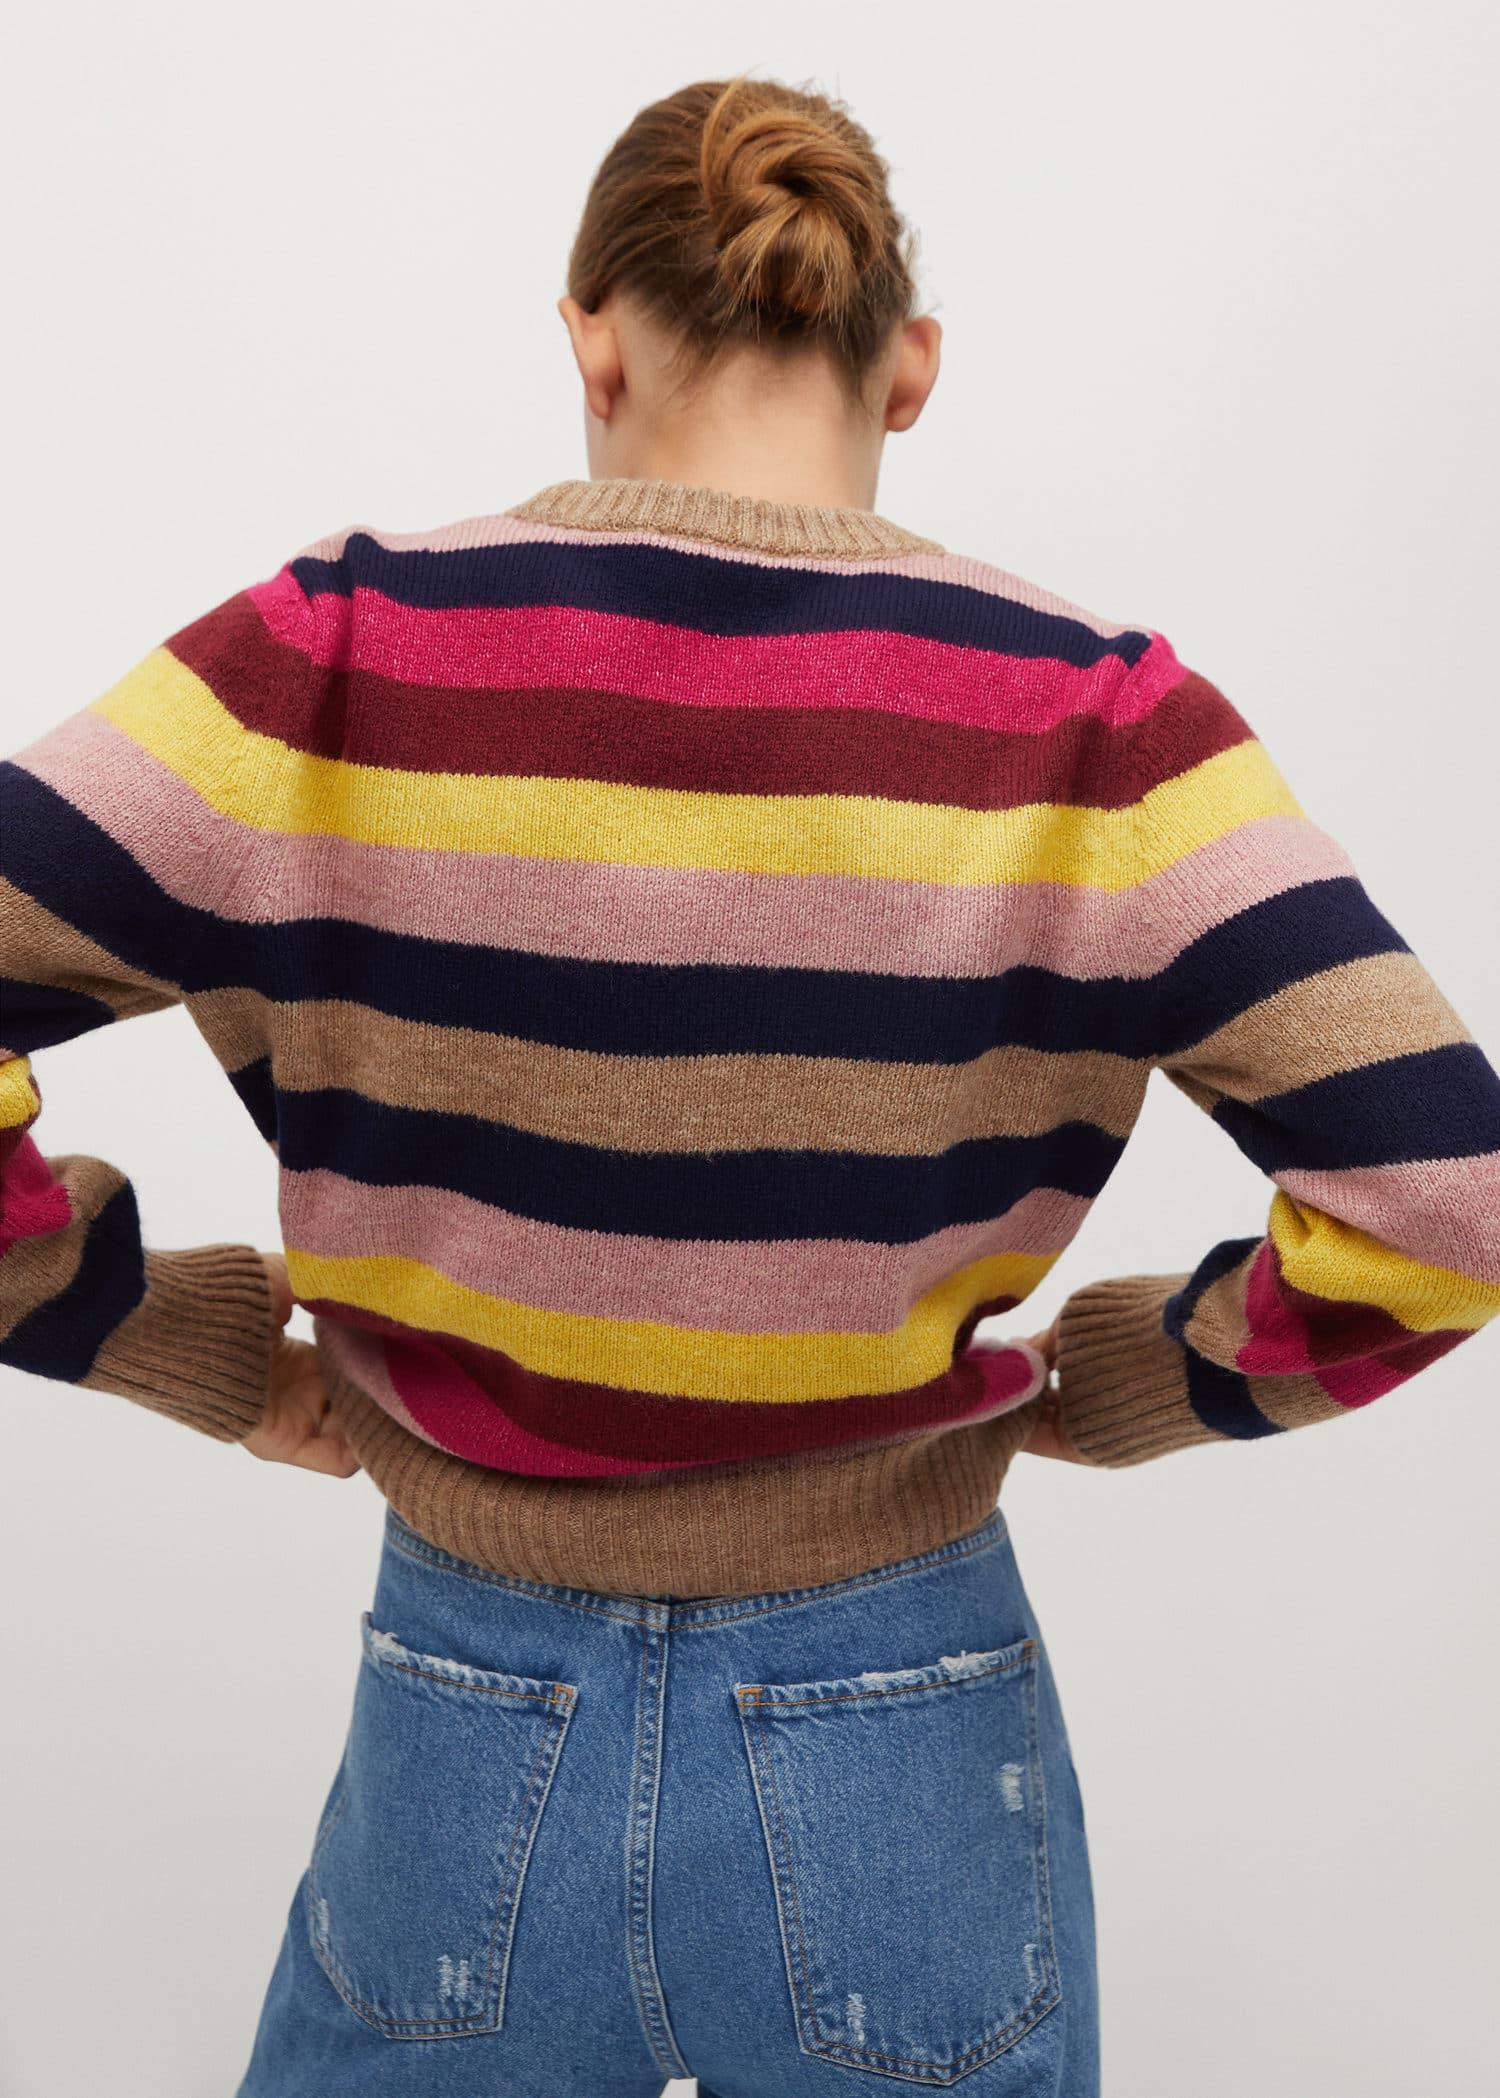 Meerkleurige gebreide trui Dames | Mango Nederland